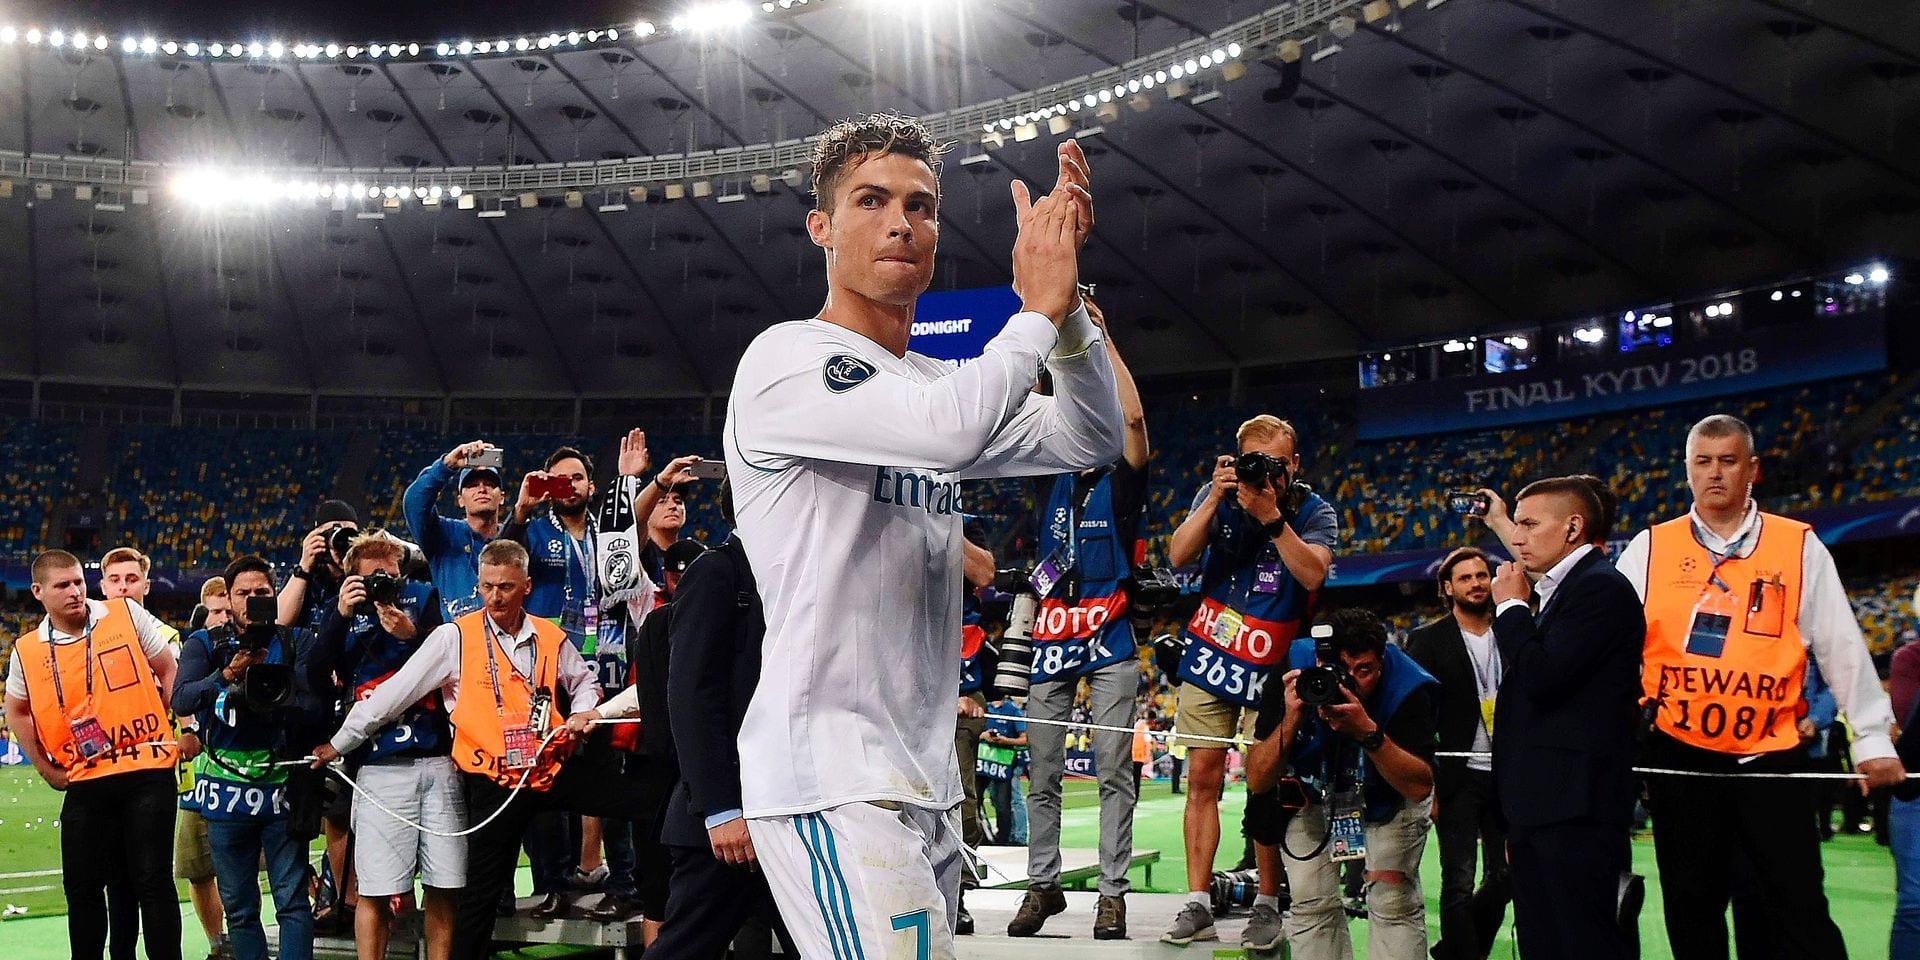 Les raisons du départ de Ronaldo à la Juventus